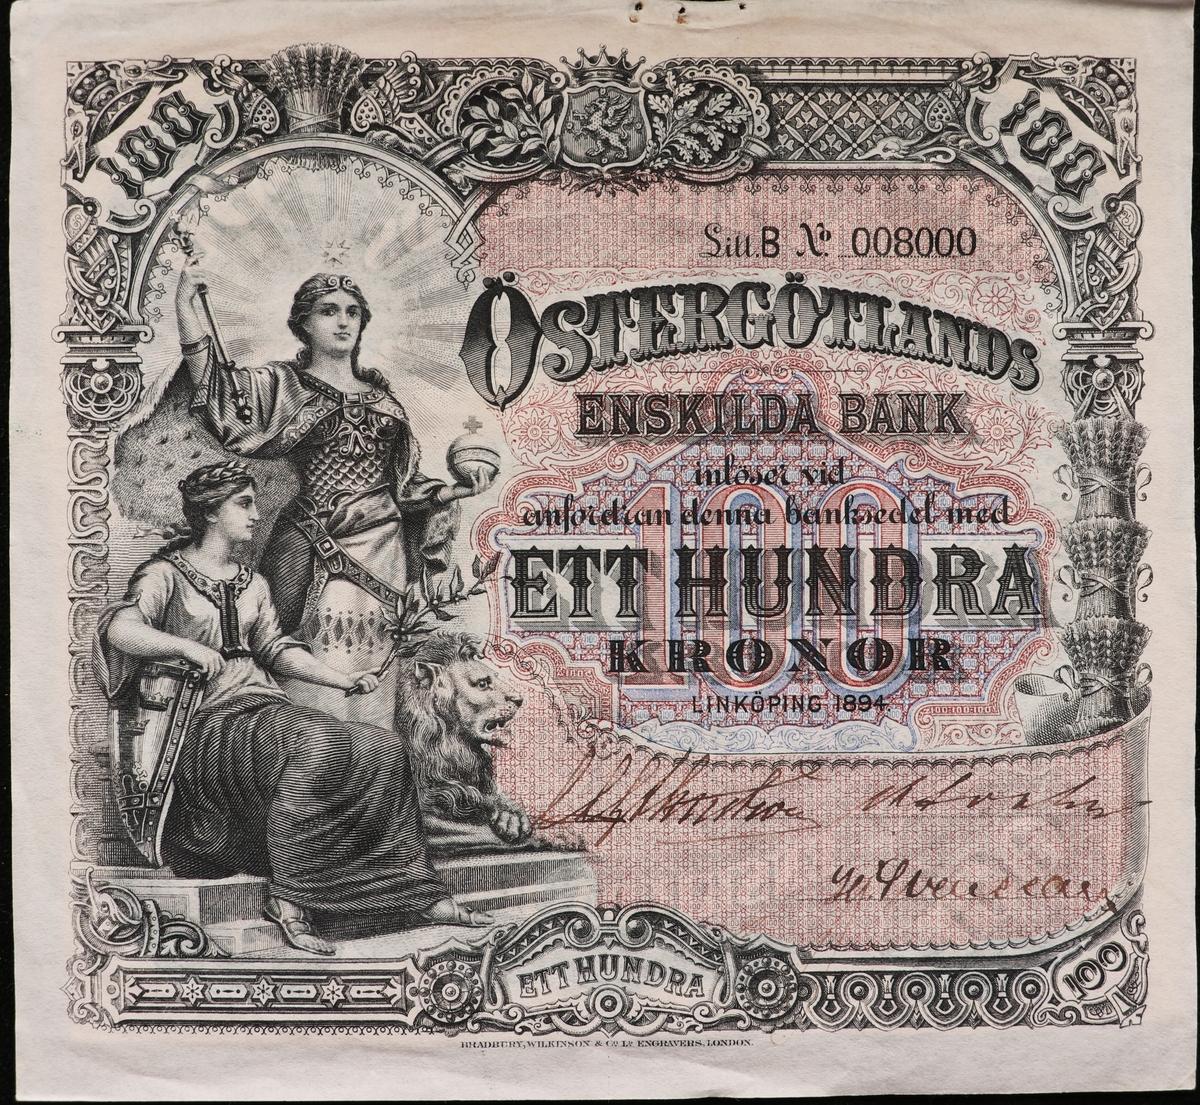 Tre sedlar på hundra kronor från Östergötlands Enskilda Bank från1894. Serienummer 8000 och 9640, tryckt till höger på sedeln. Den tredje sedeln har ett makuleringshål över serienumret. Framsidan har grå och röda färger. Tre signaturer på sedeln. Högst upp i mitten finns Östergötlands landskapsvapen. Längst till vänster är en bild på två kvinnor, en står och en sitter och ett lejon i profil. Baksidan har en bild av två hästar förspända för en plog och är grönfärgad. Två av sedlarna är makulerade med fyra hål i form stjärnor. En sedel är fastklistrad på en pappskiva, de andra två har en klisterlapp på sedeln där den suttit klistrad på en tavla. Två av sedlarna har hål som efter nålar. Tillstånd vid förvärv: Några vikningslinjer, men annars i gott skick. En av sedlarna har avskav efter att klisterlappar tagits bort.